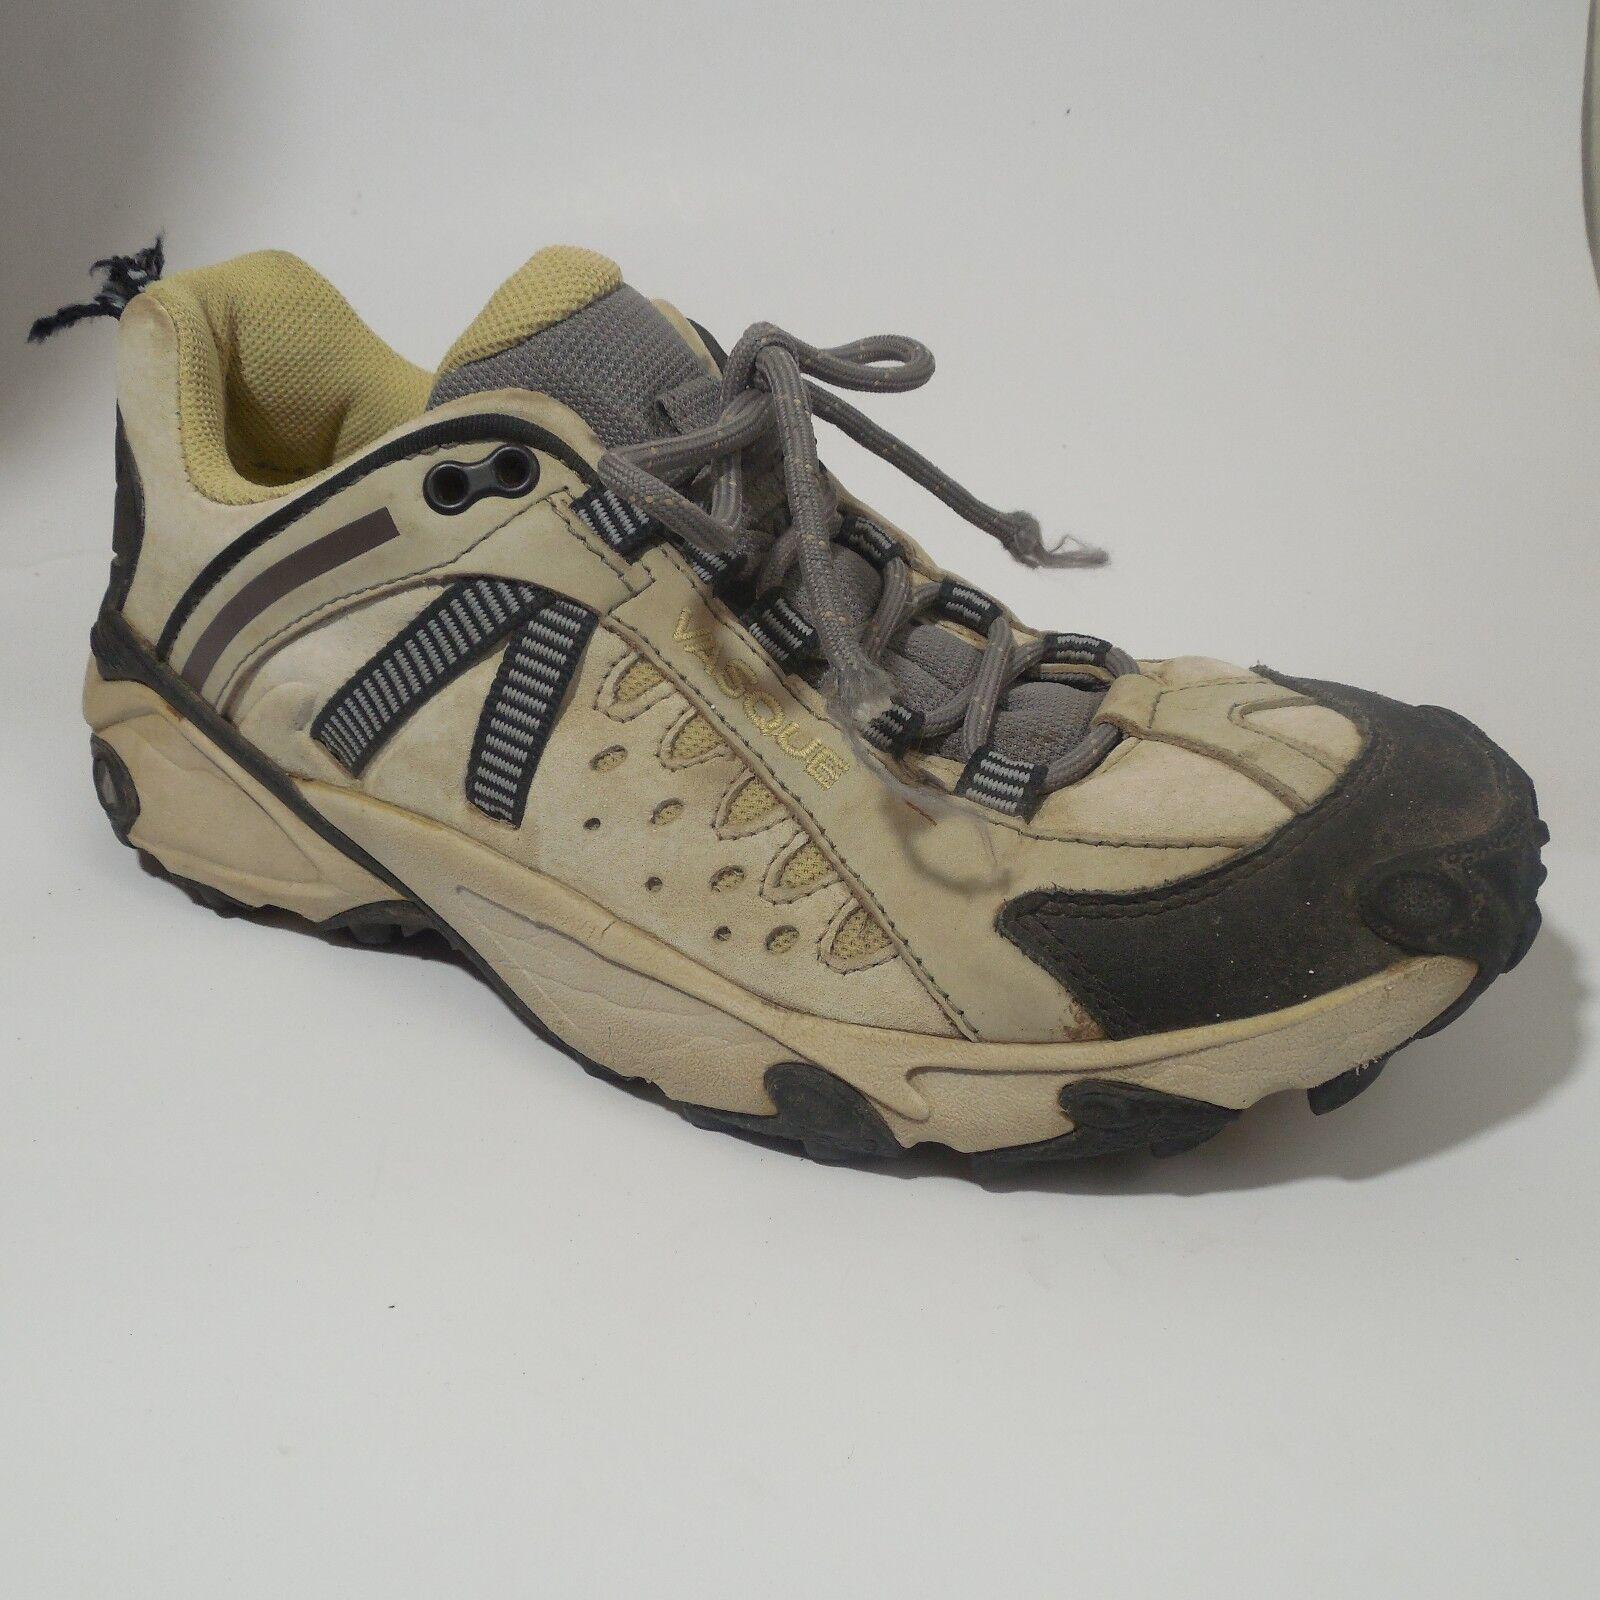 Vasque EcoTread 7347 para mujer Talla 10 Med  Beige Bronceado Negro gris Senderismo Zapato Trail  mejor oferta